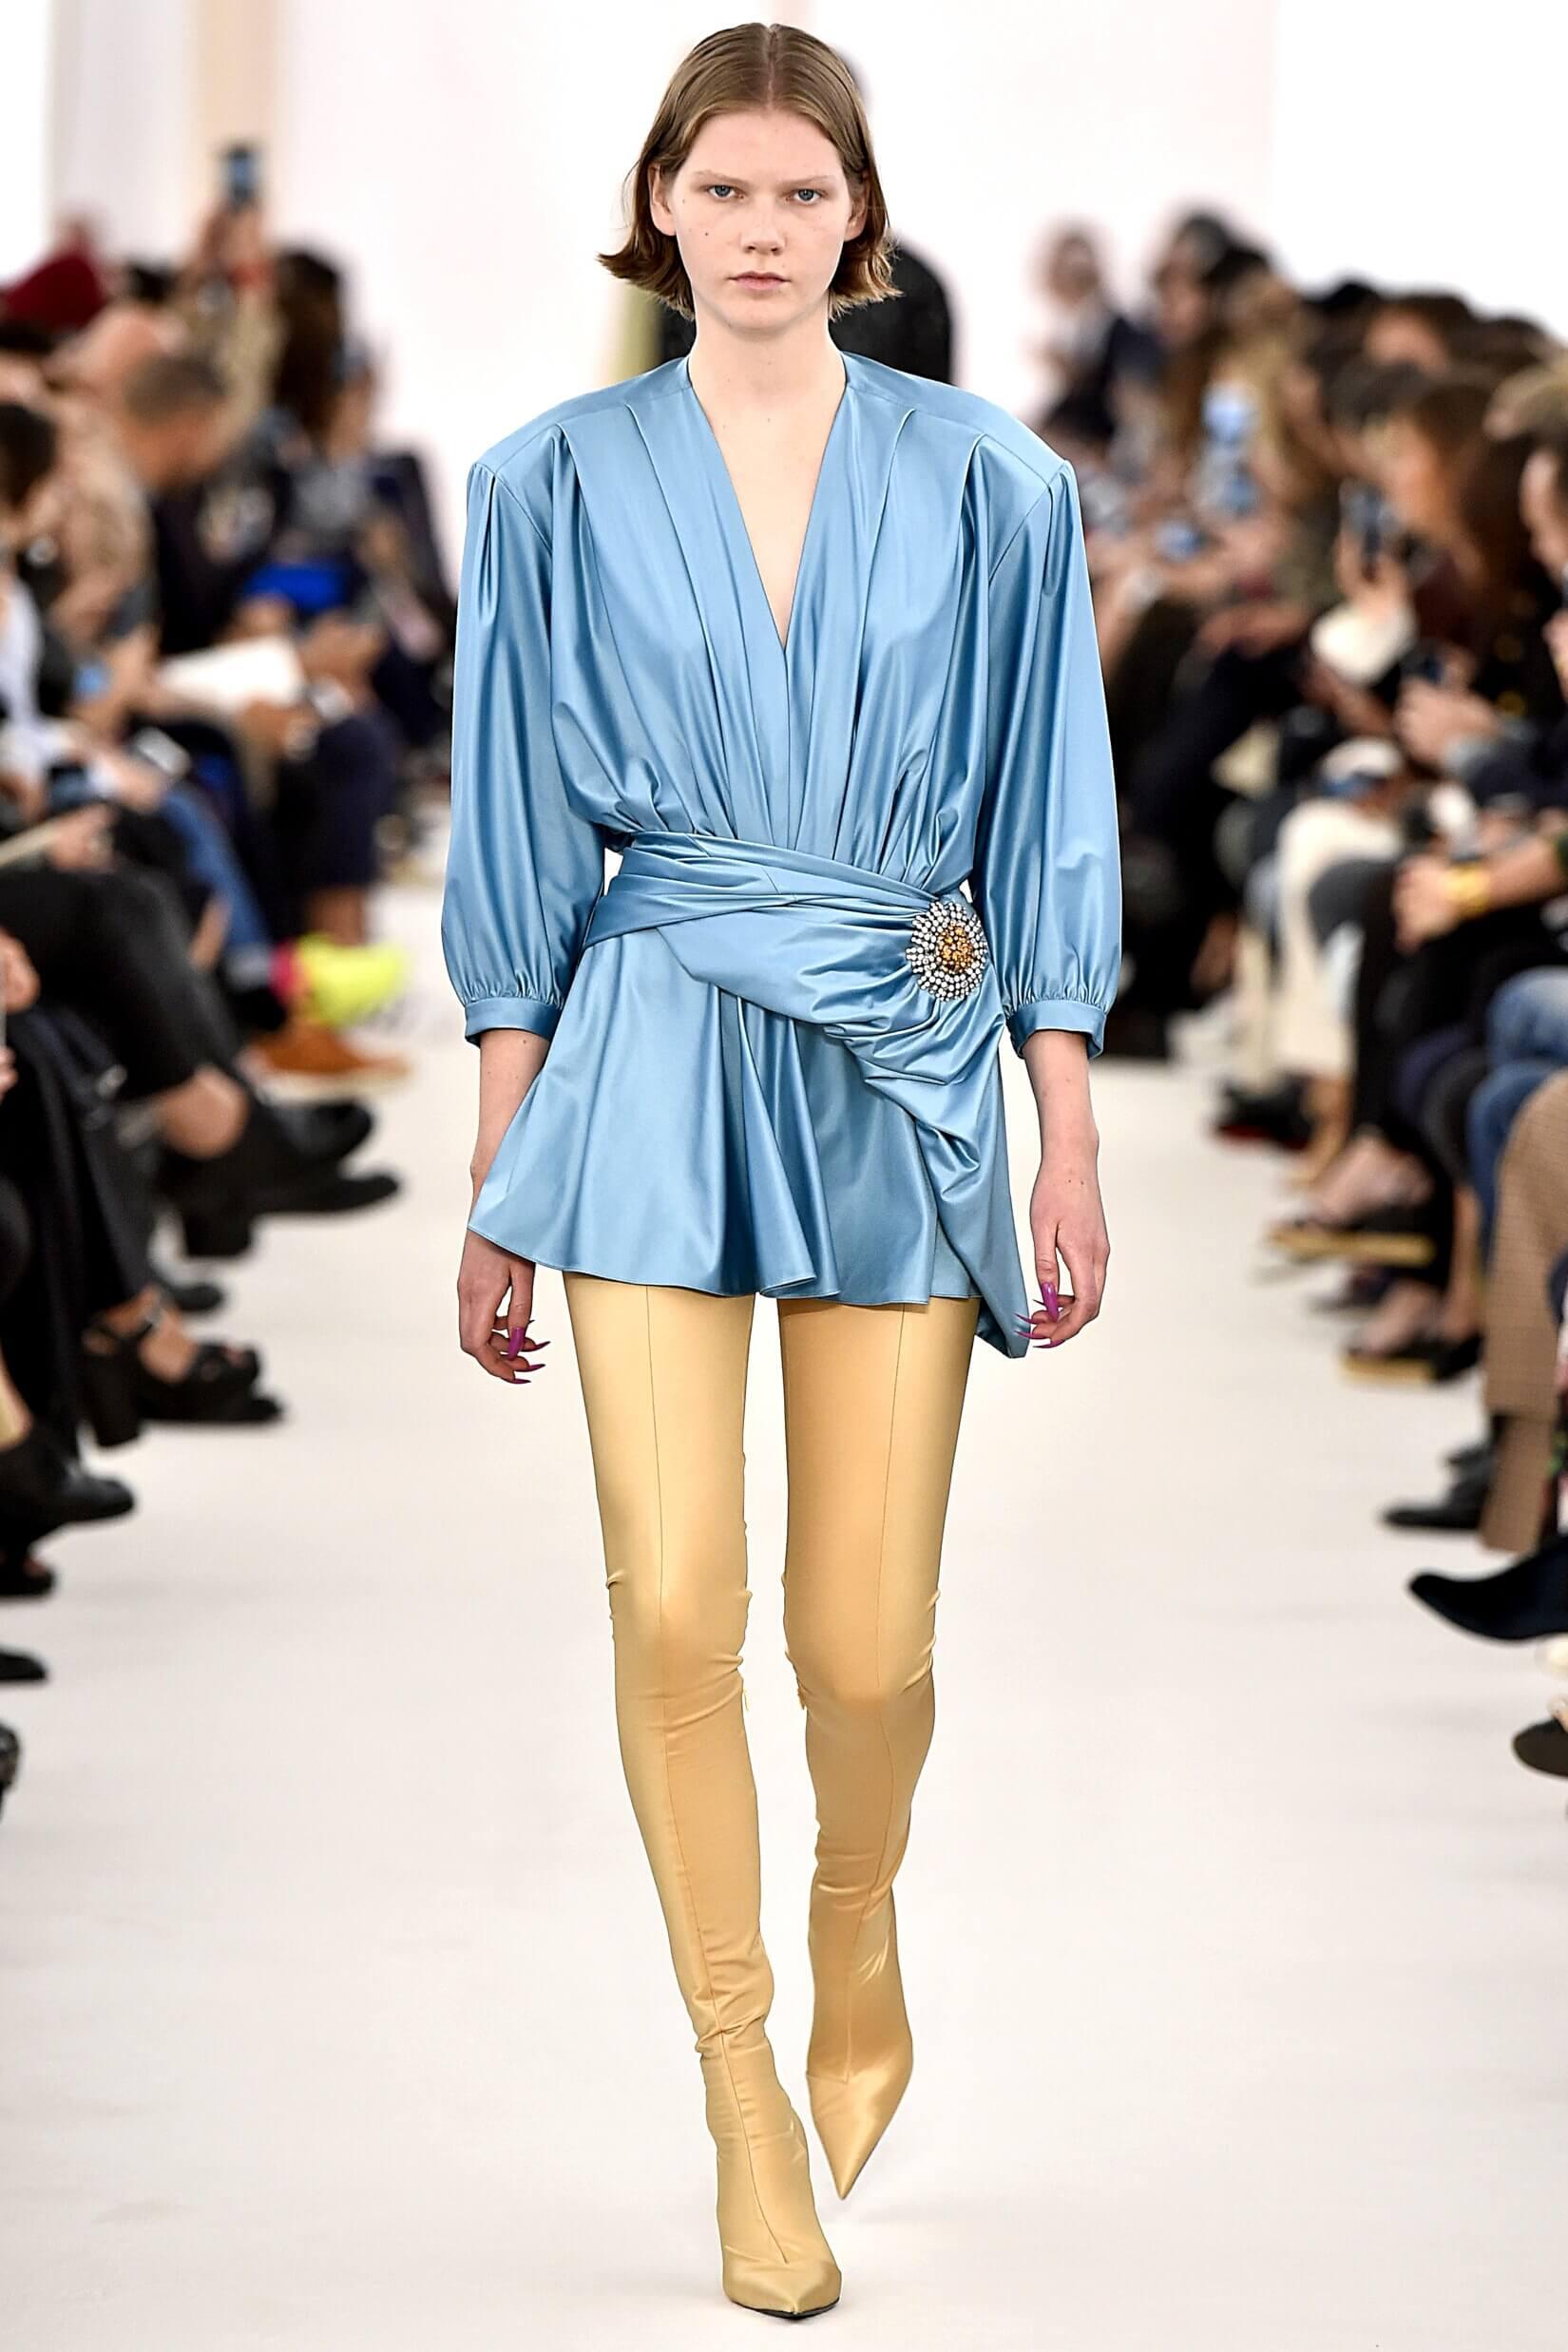 Défilé Balenciaga Automne/Hiver 2017 © fashionstock/Depositphotos